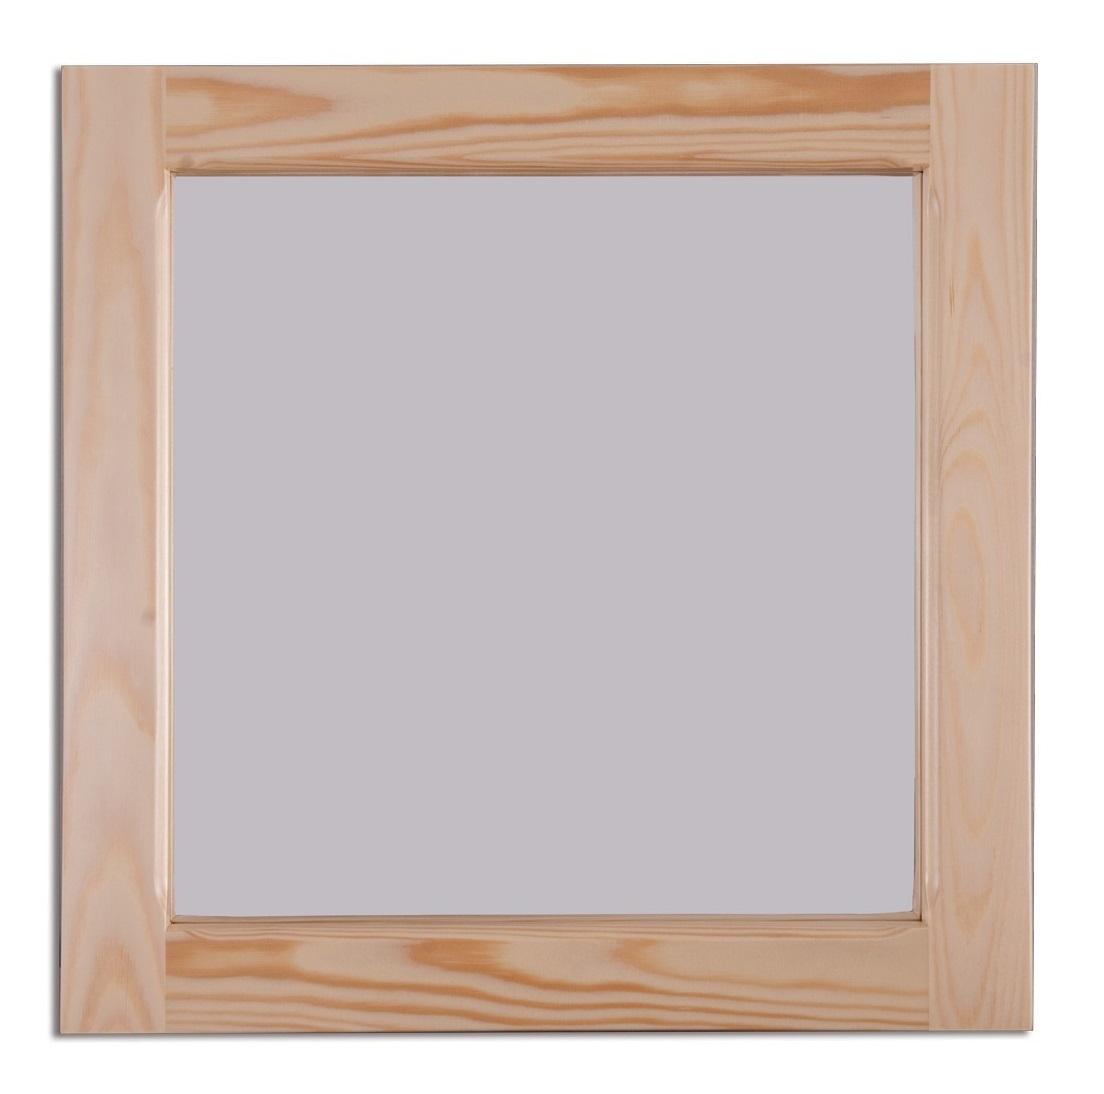 Zrkadlo - Drewmax - LA 115